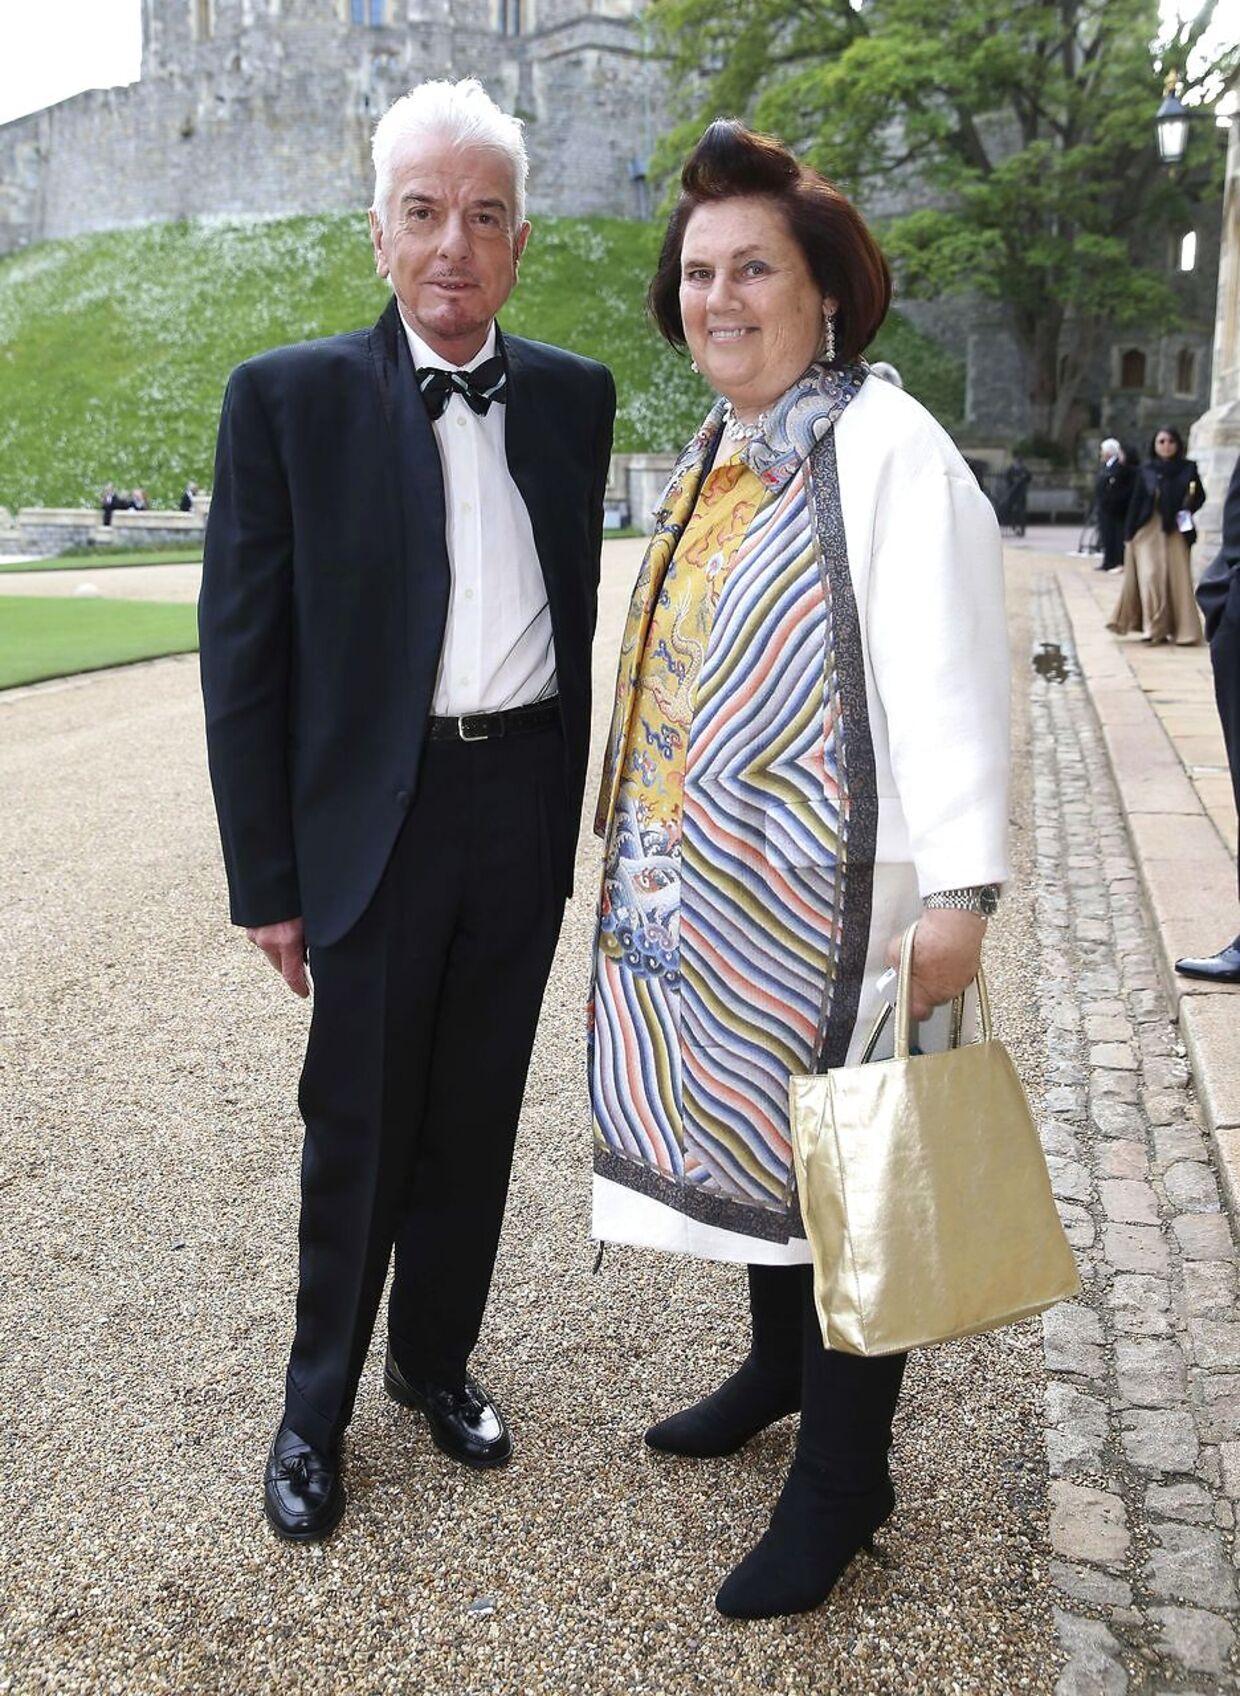 Den britiske designer Nicky Haslam, der er ven af prins Charles, er ude med riven efter Meghan Markles familie.